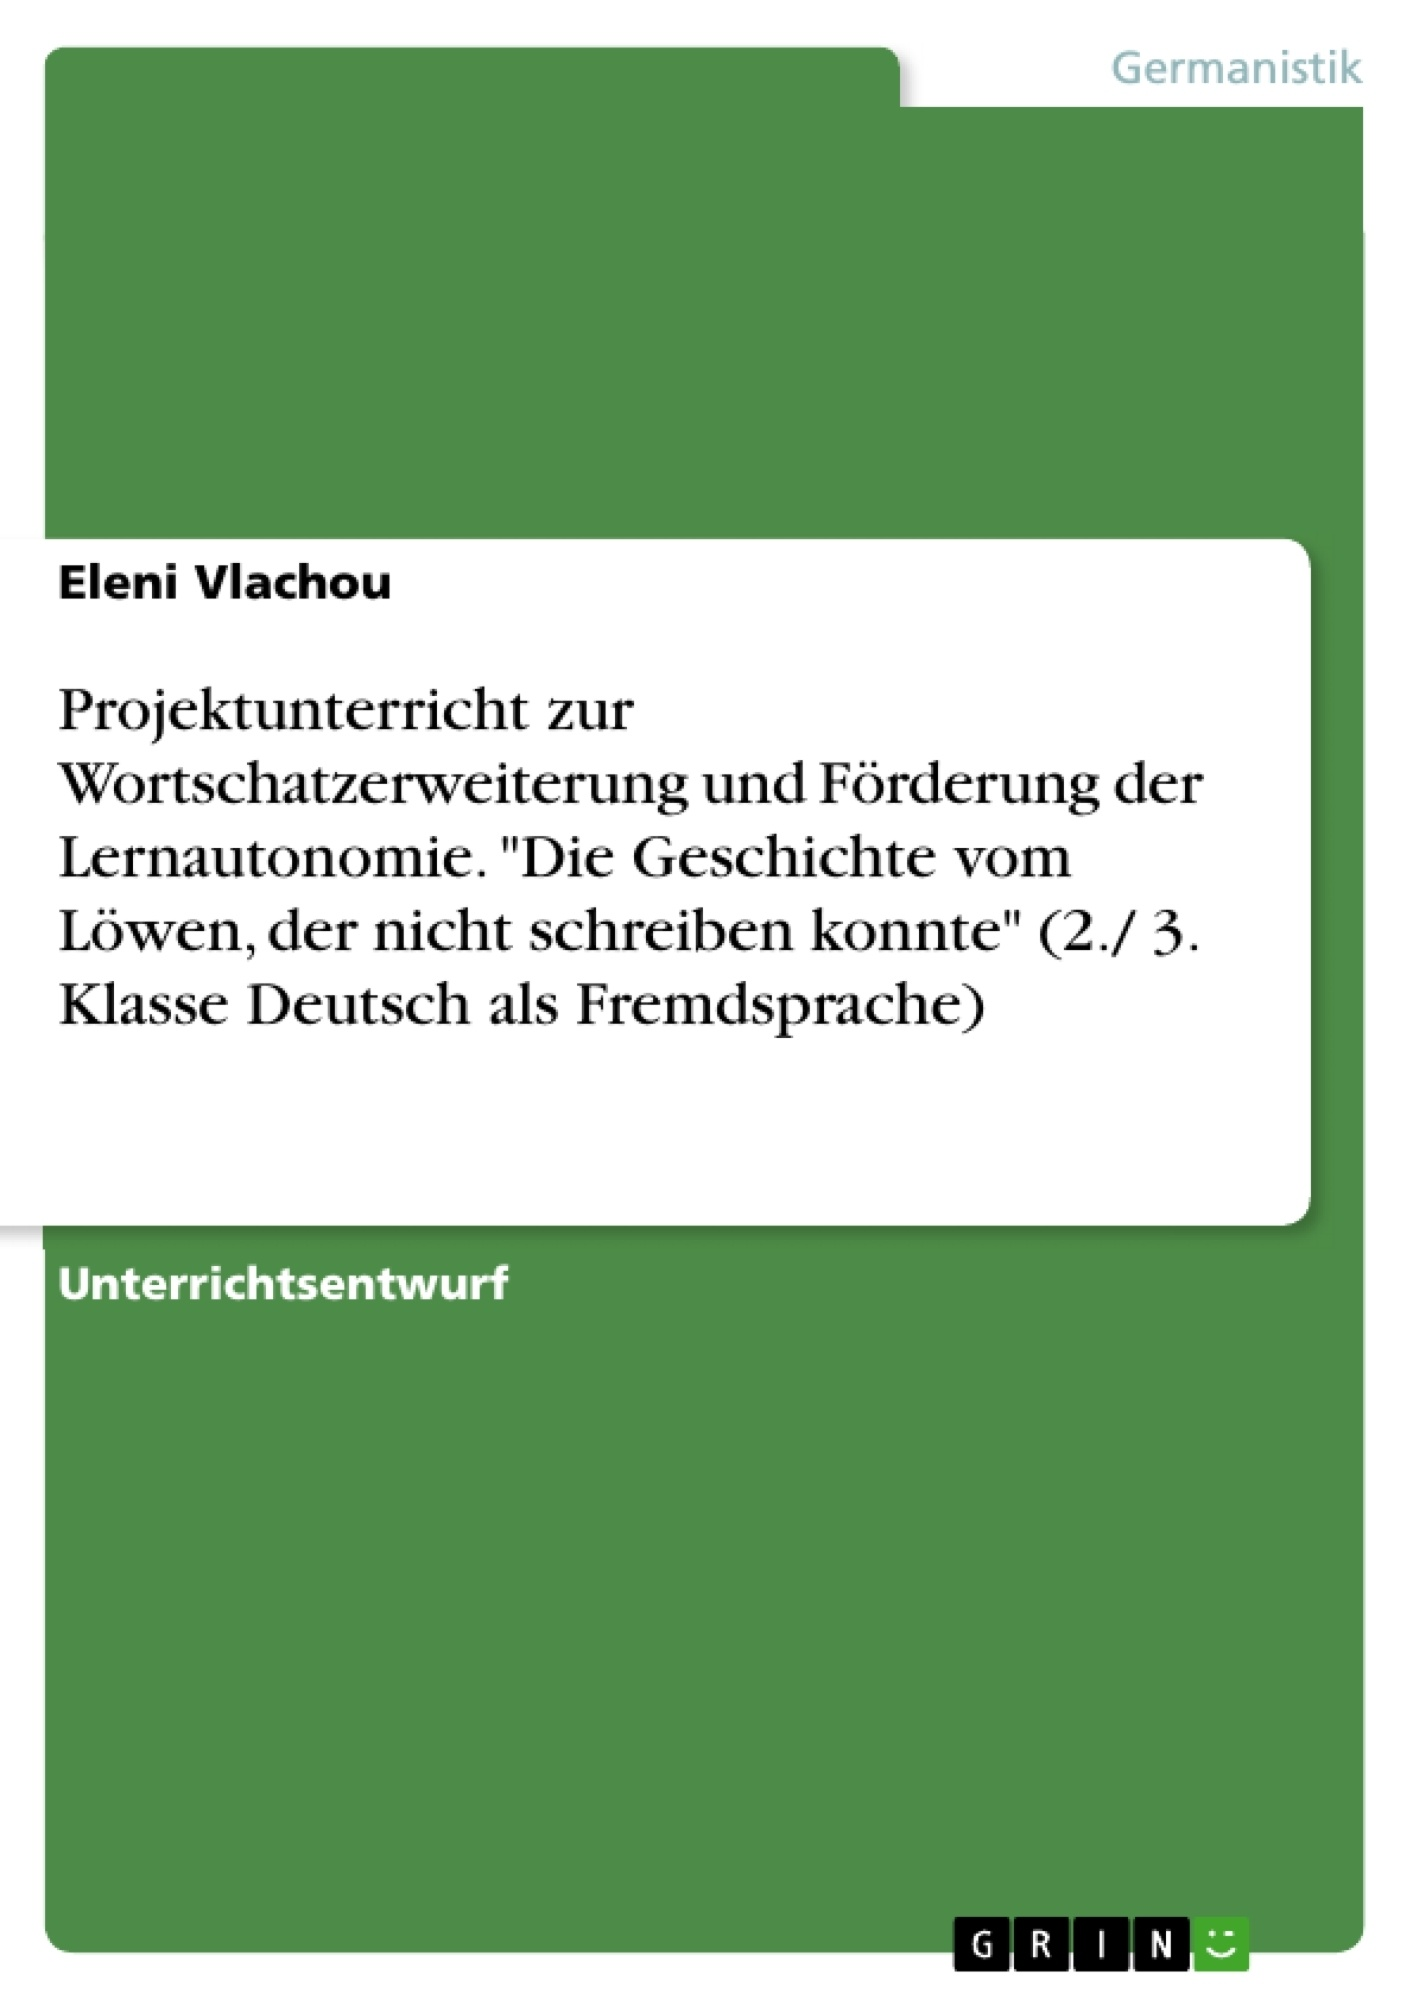 """Titel: Projektunterricht zur Wortschatzerweiterung und Förderung der Lernautonomie. """"Die Geschichte vom Löwen, der nicht schreiben konnte"""" (2./ 3. Klasse Deutsch als Fremdsprache)"""